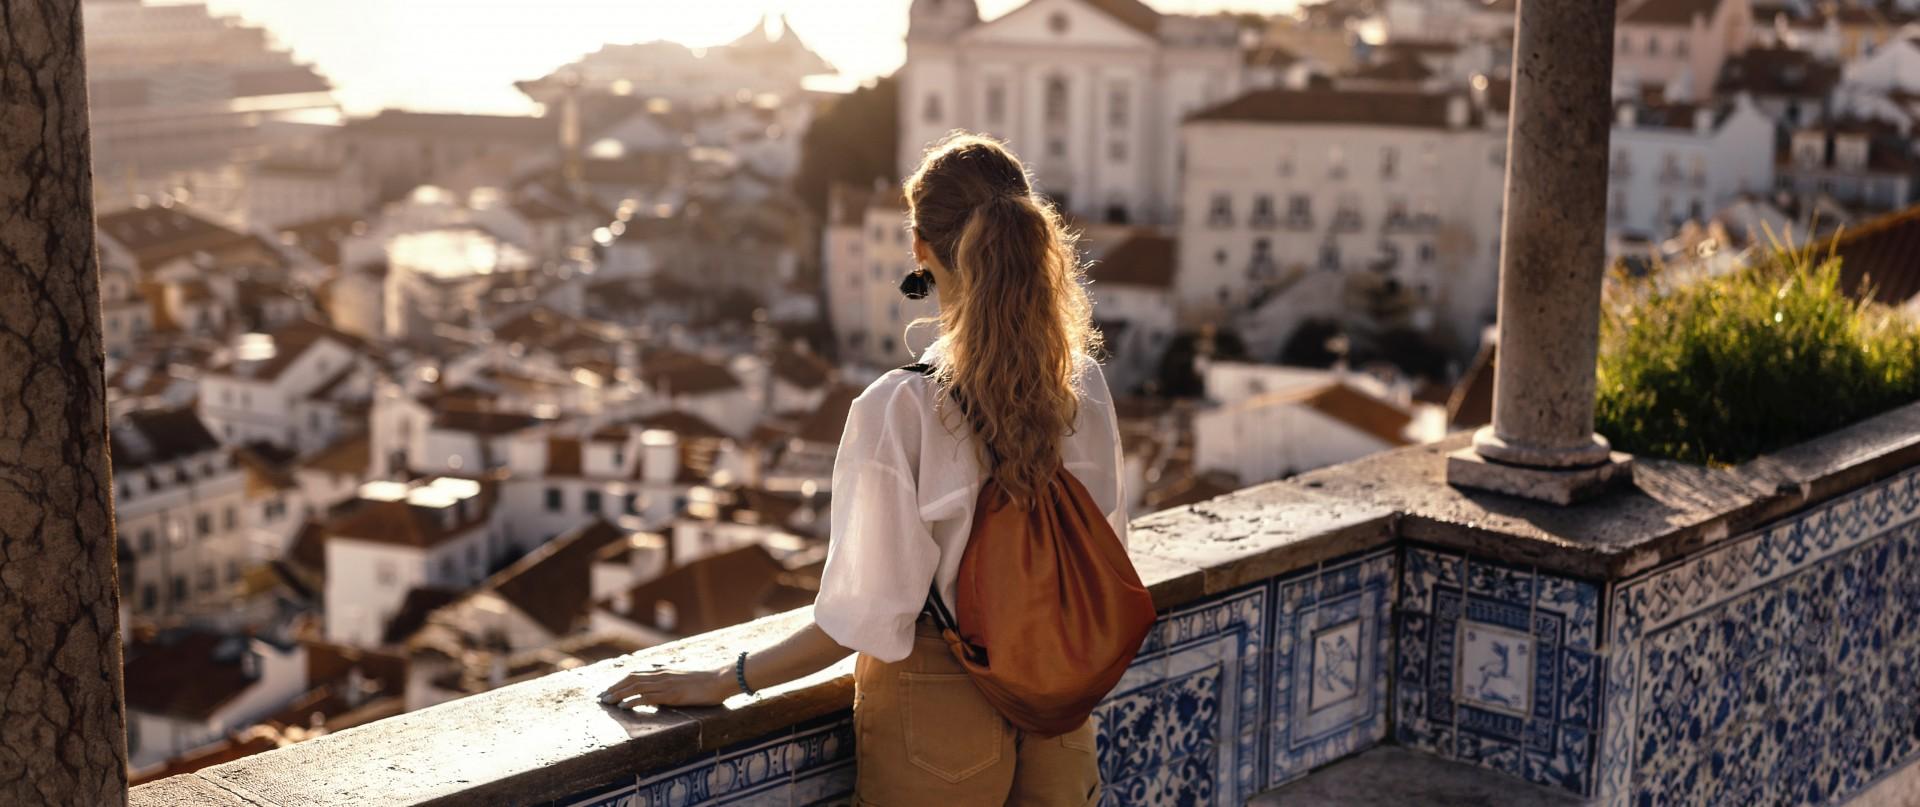 ایده هایی برای سفر